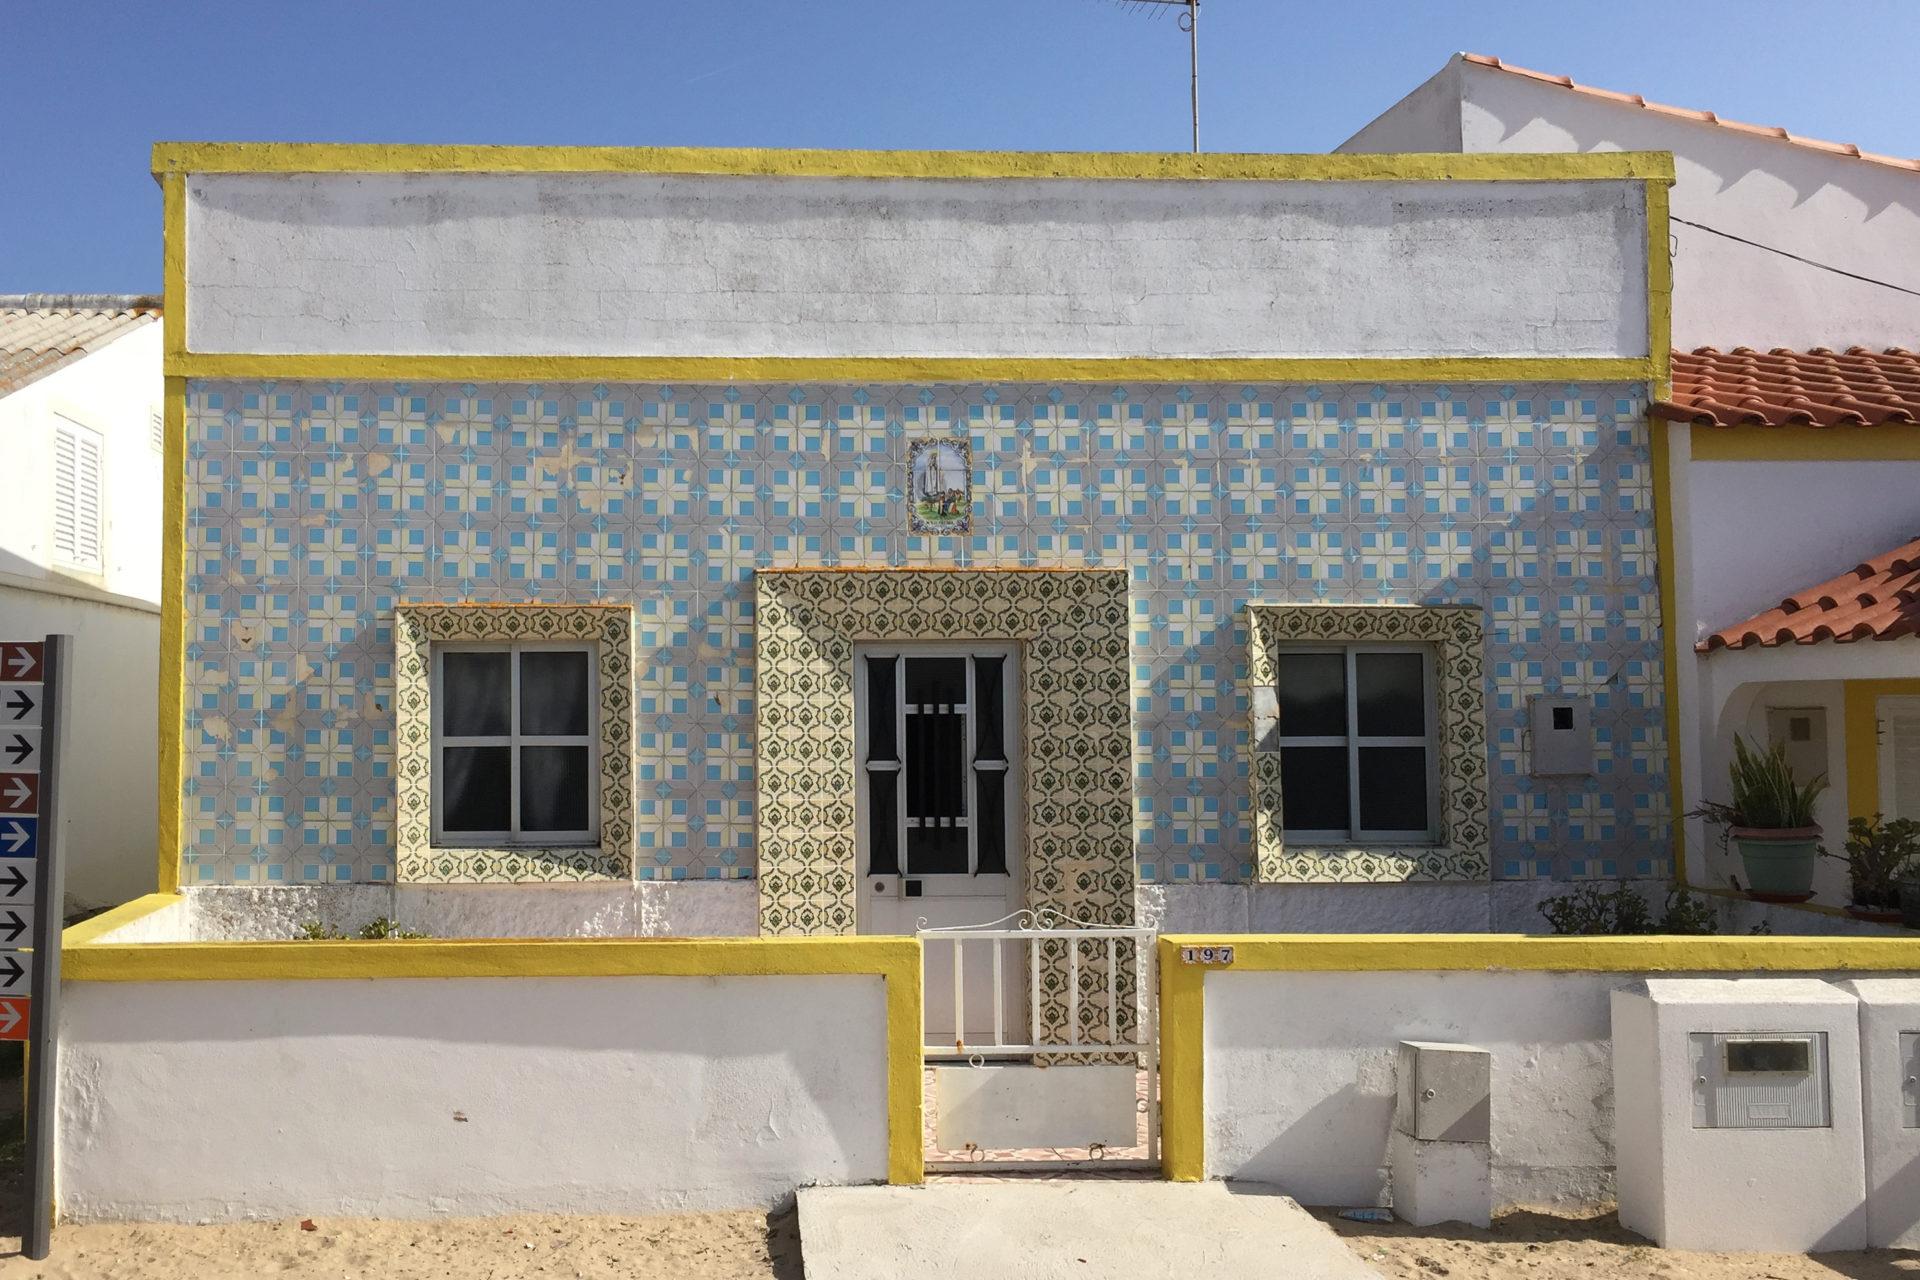 Wohnhaus mit Azulejos an der Algarve